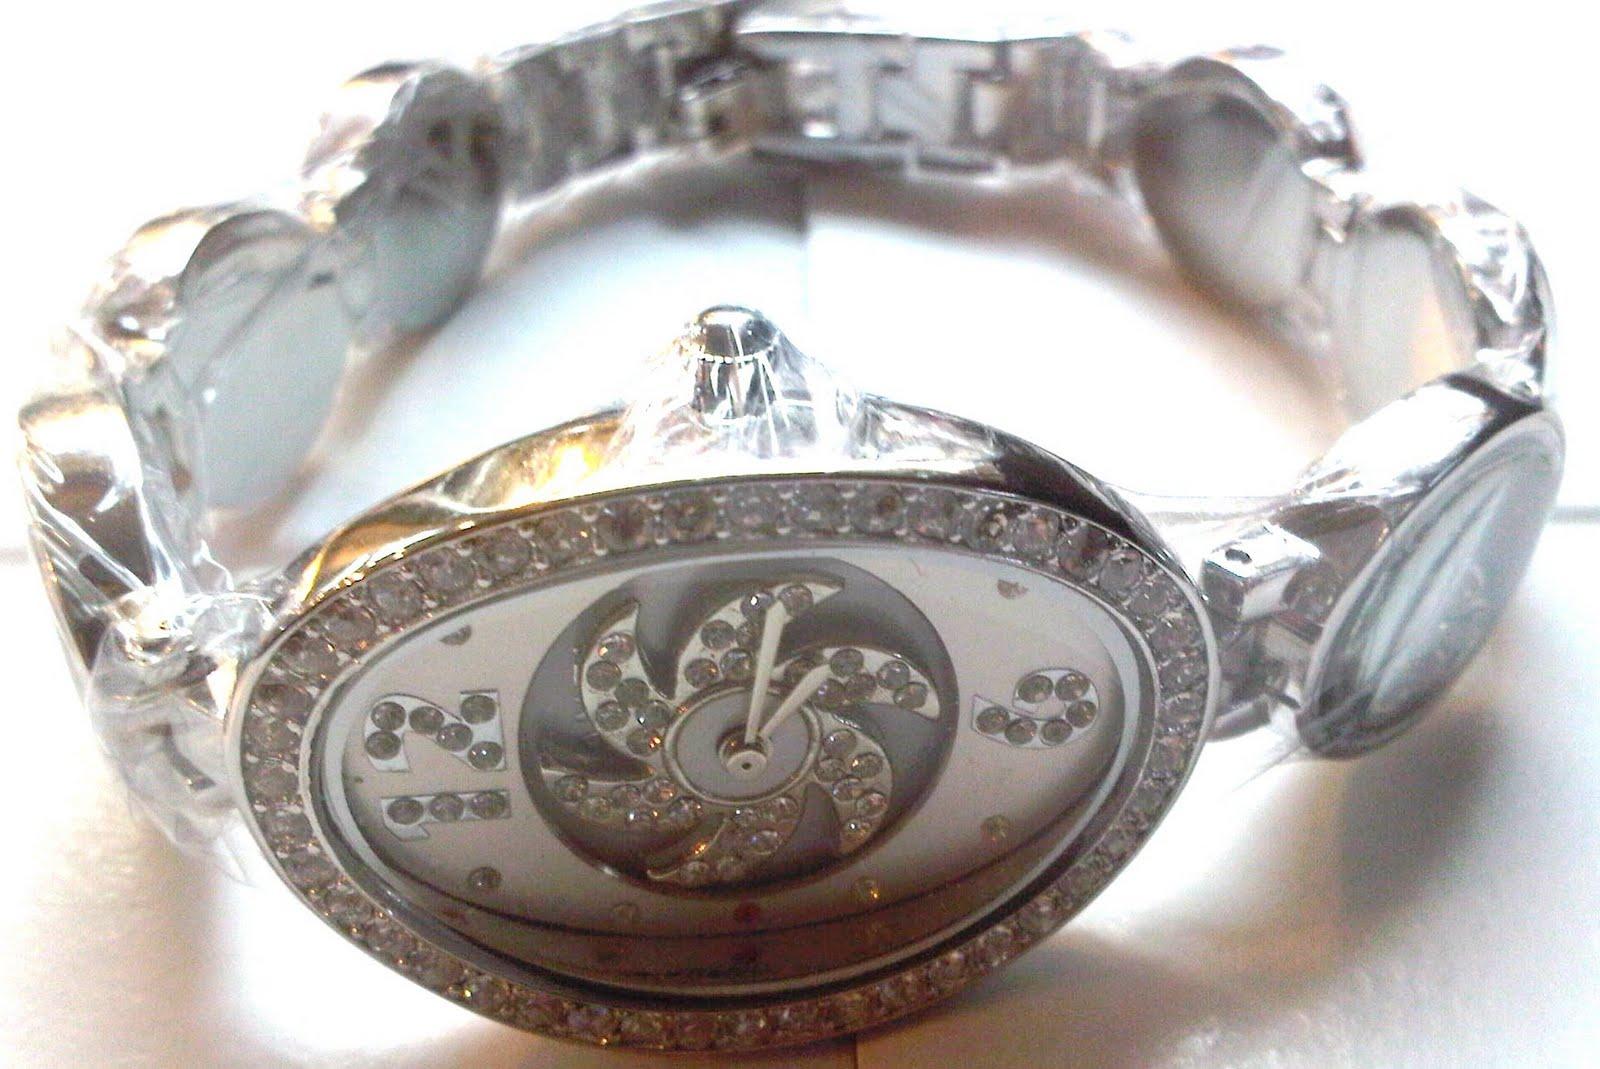 jam tangan Chanel fan diamond rante..jam tangan yang sangat unik  banget..karena di saat kita make kipas yang d dalam plat nya bisa muter  layaknya kipas ... caabb29c84